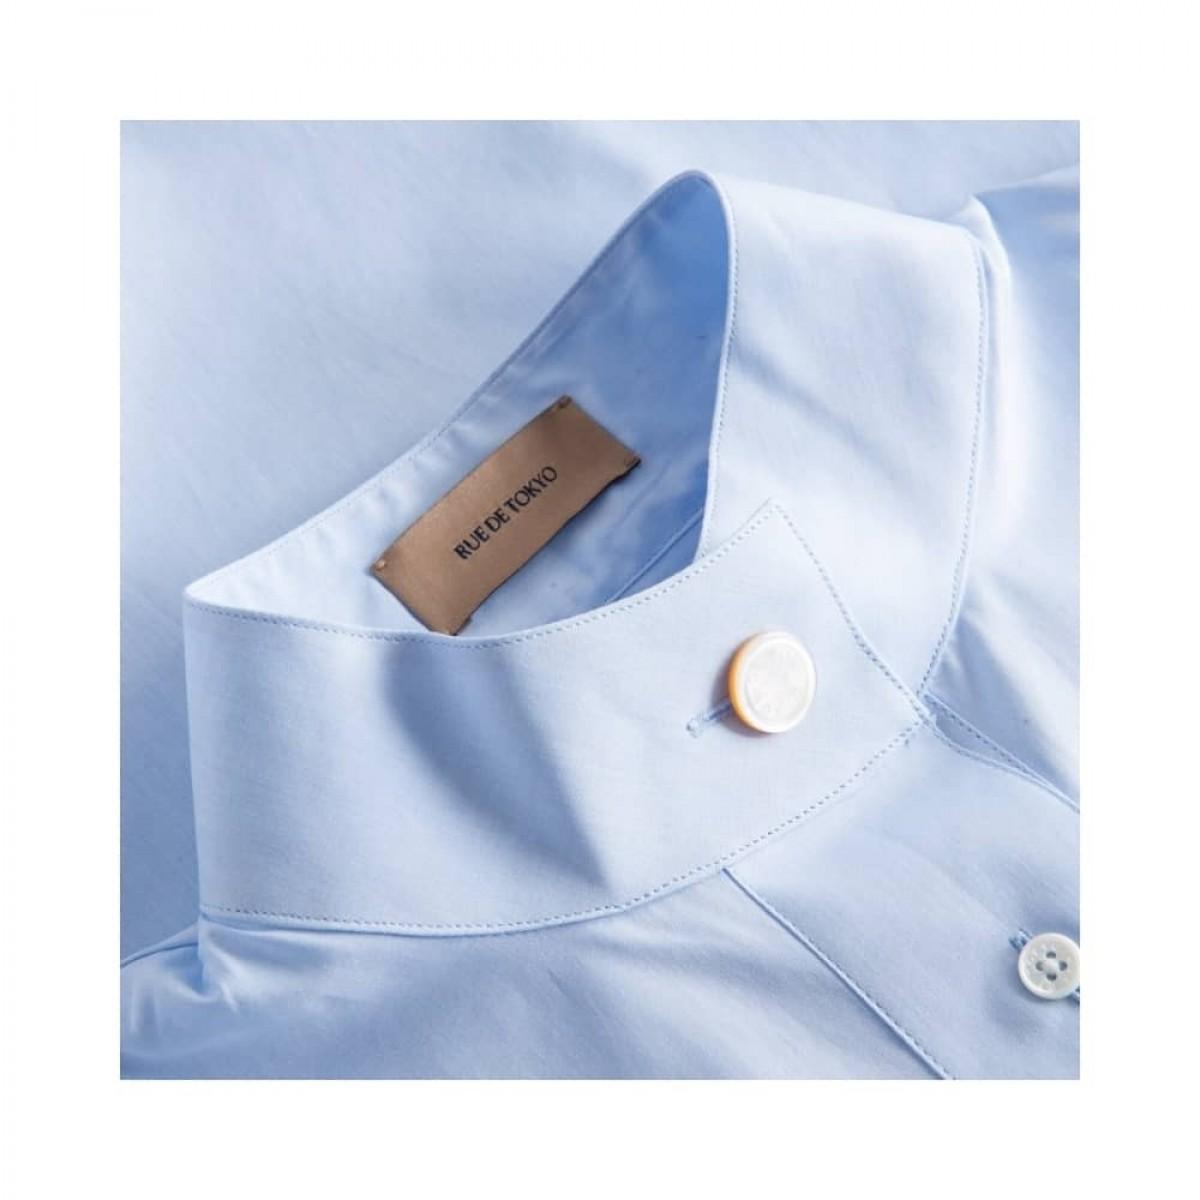 sera skjorte - light blue - krave detalje